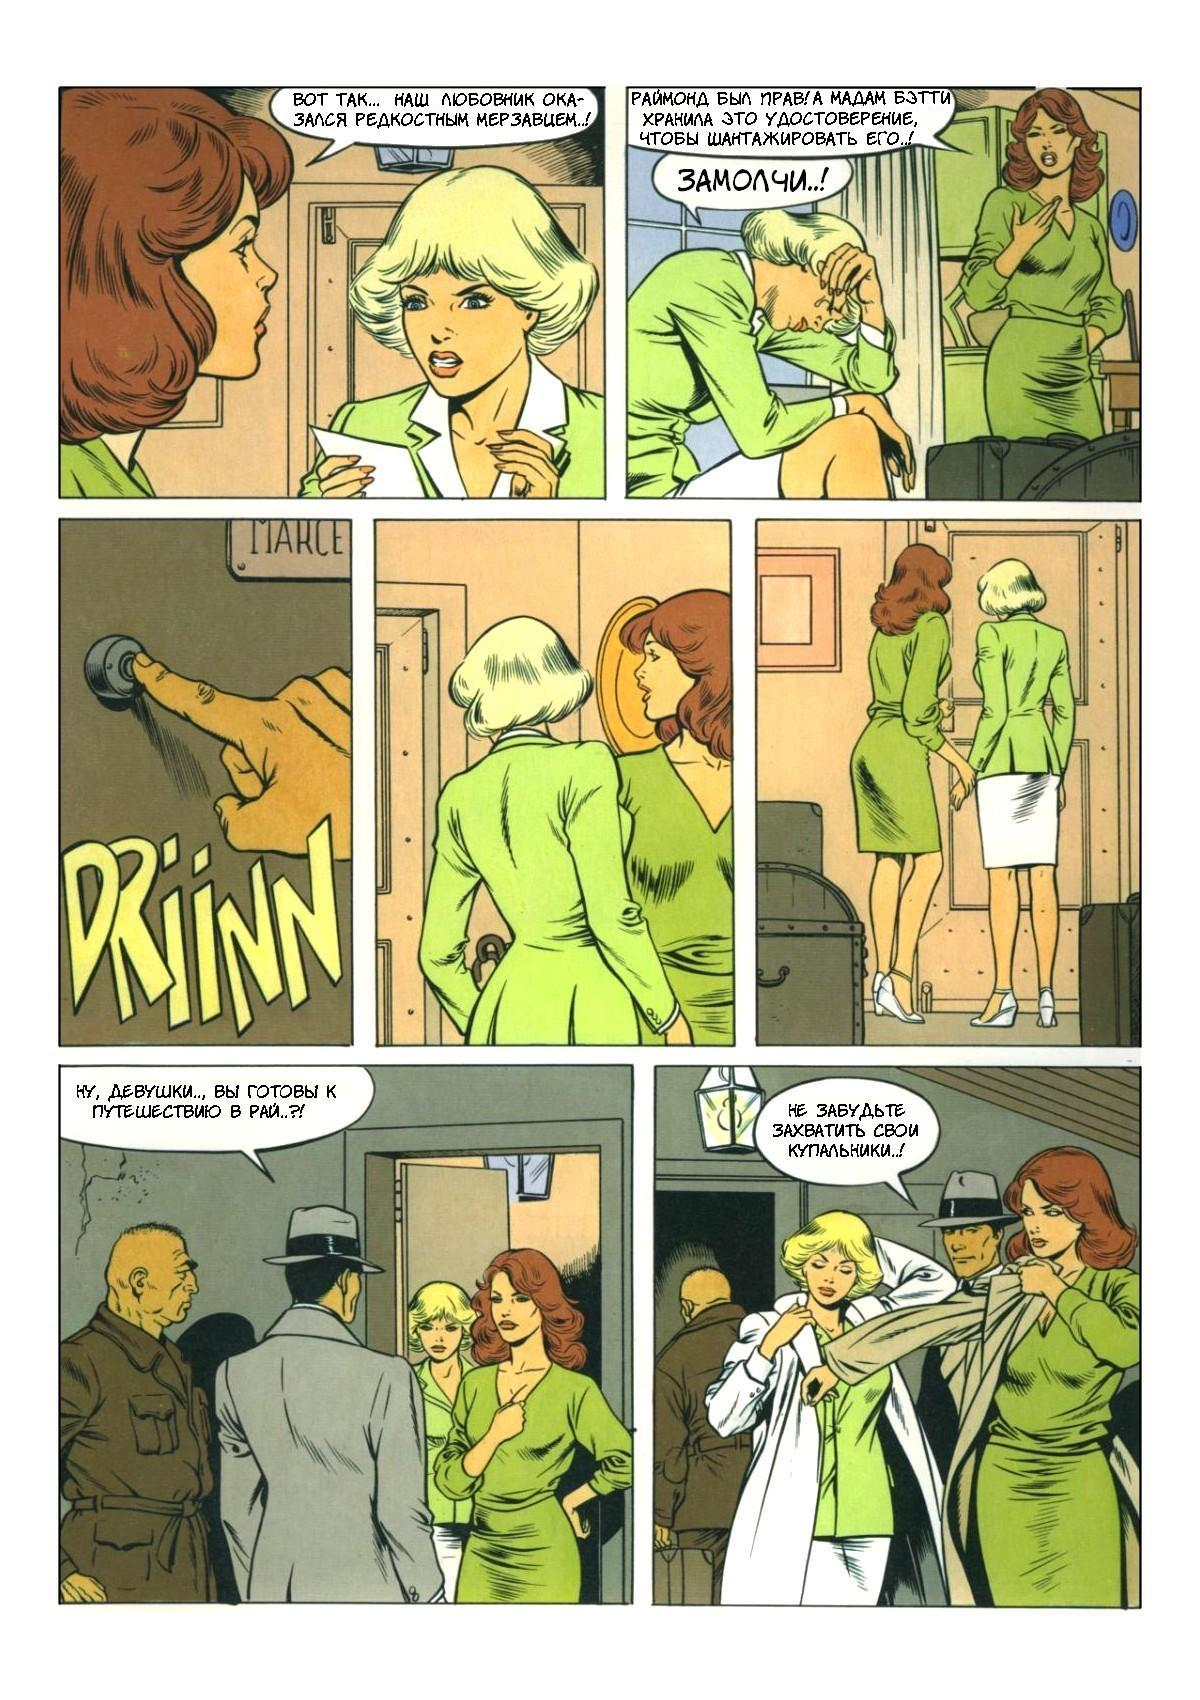 Раймонд порно комиксы 5 фотография